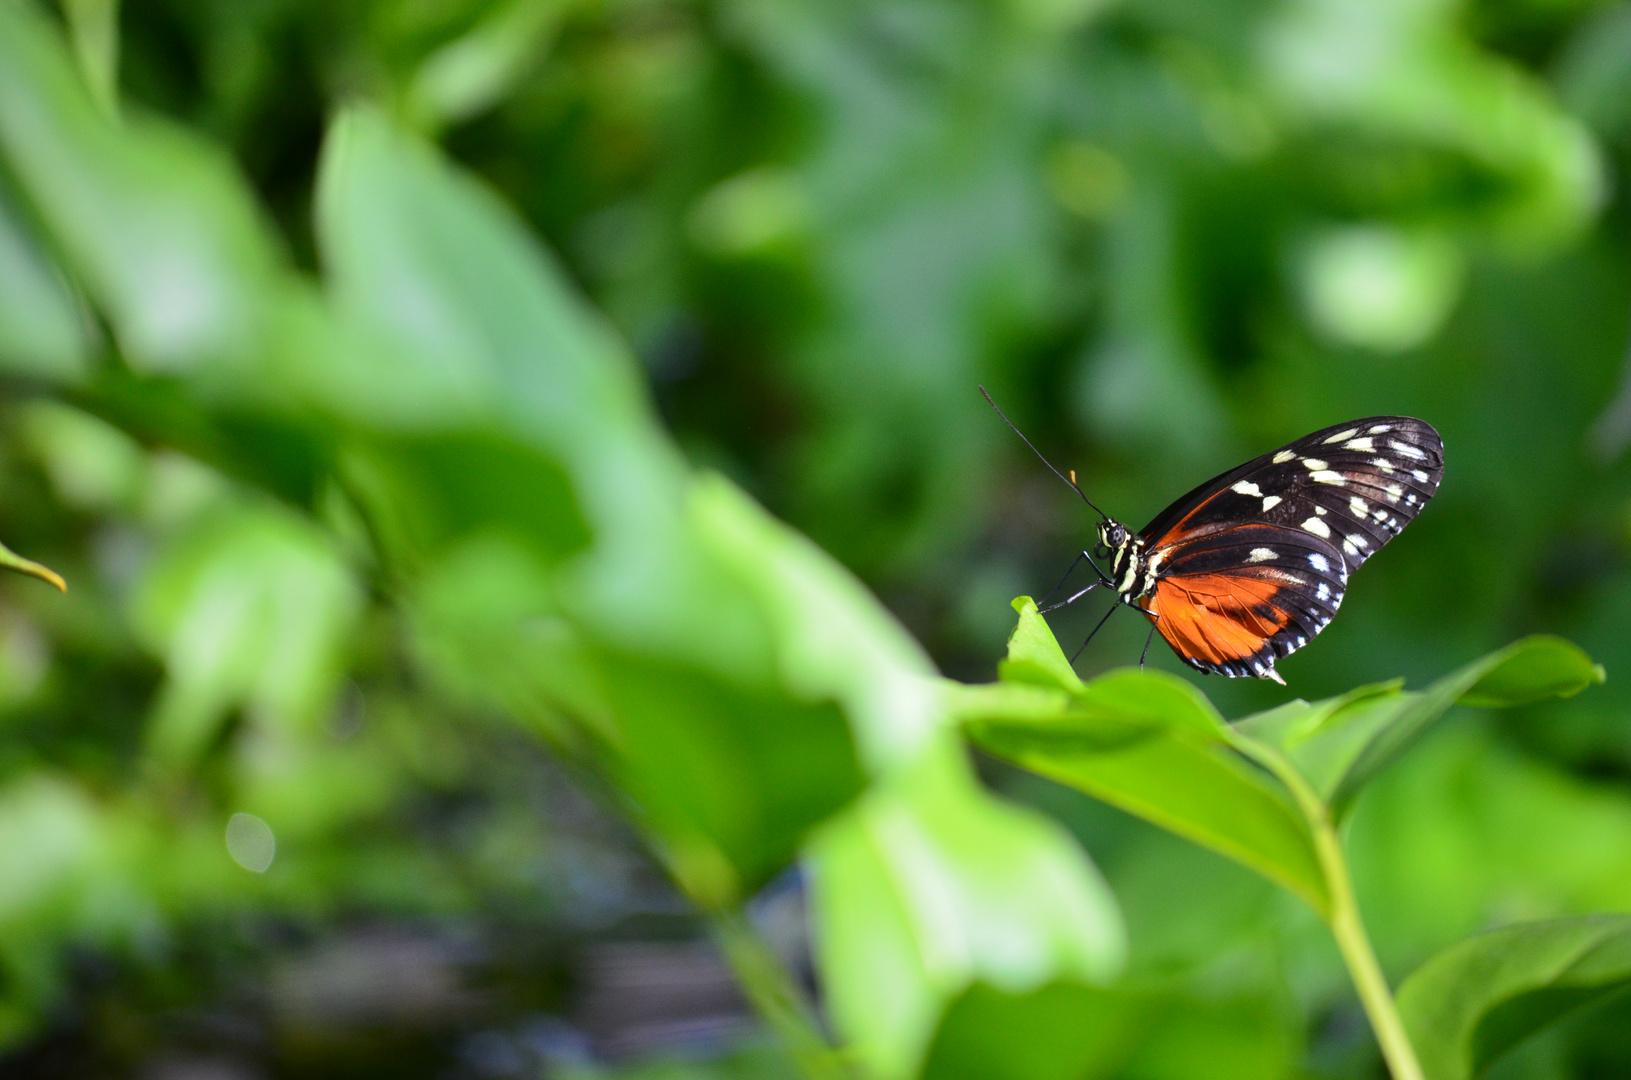 Bunter Schmetterling auf Blatt